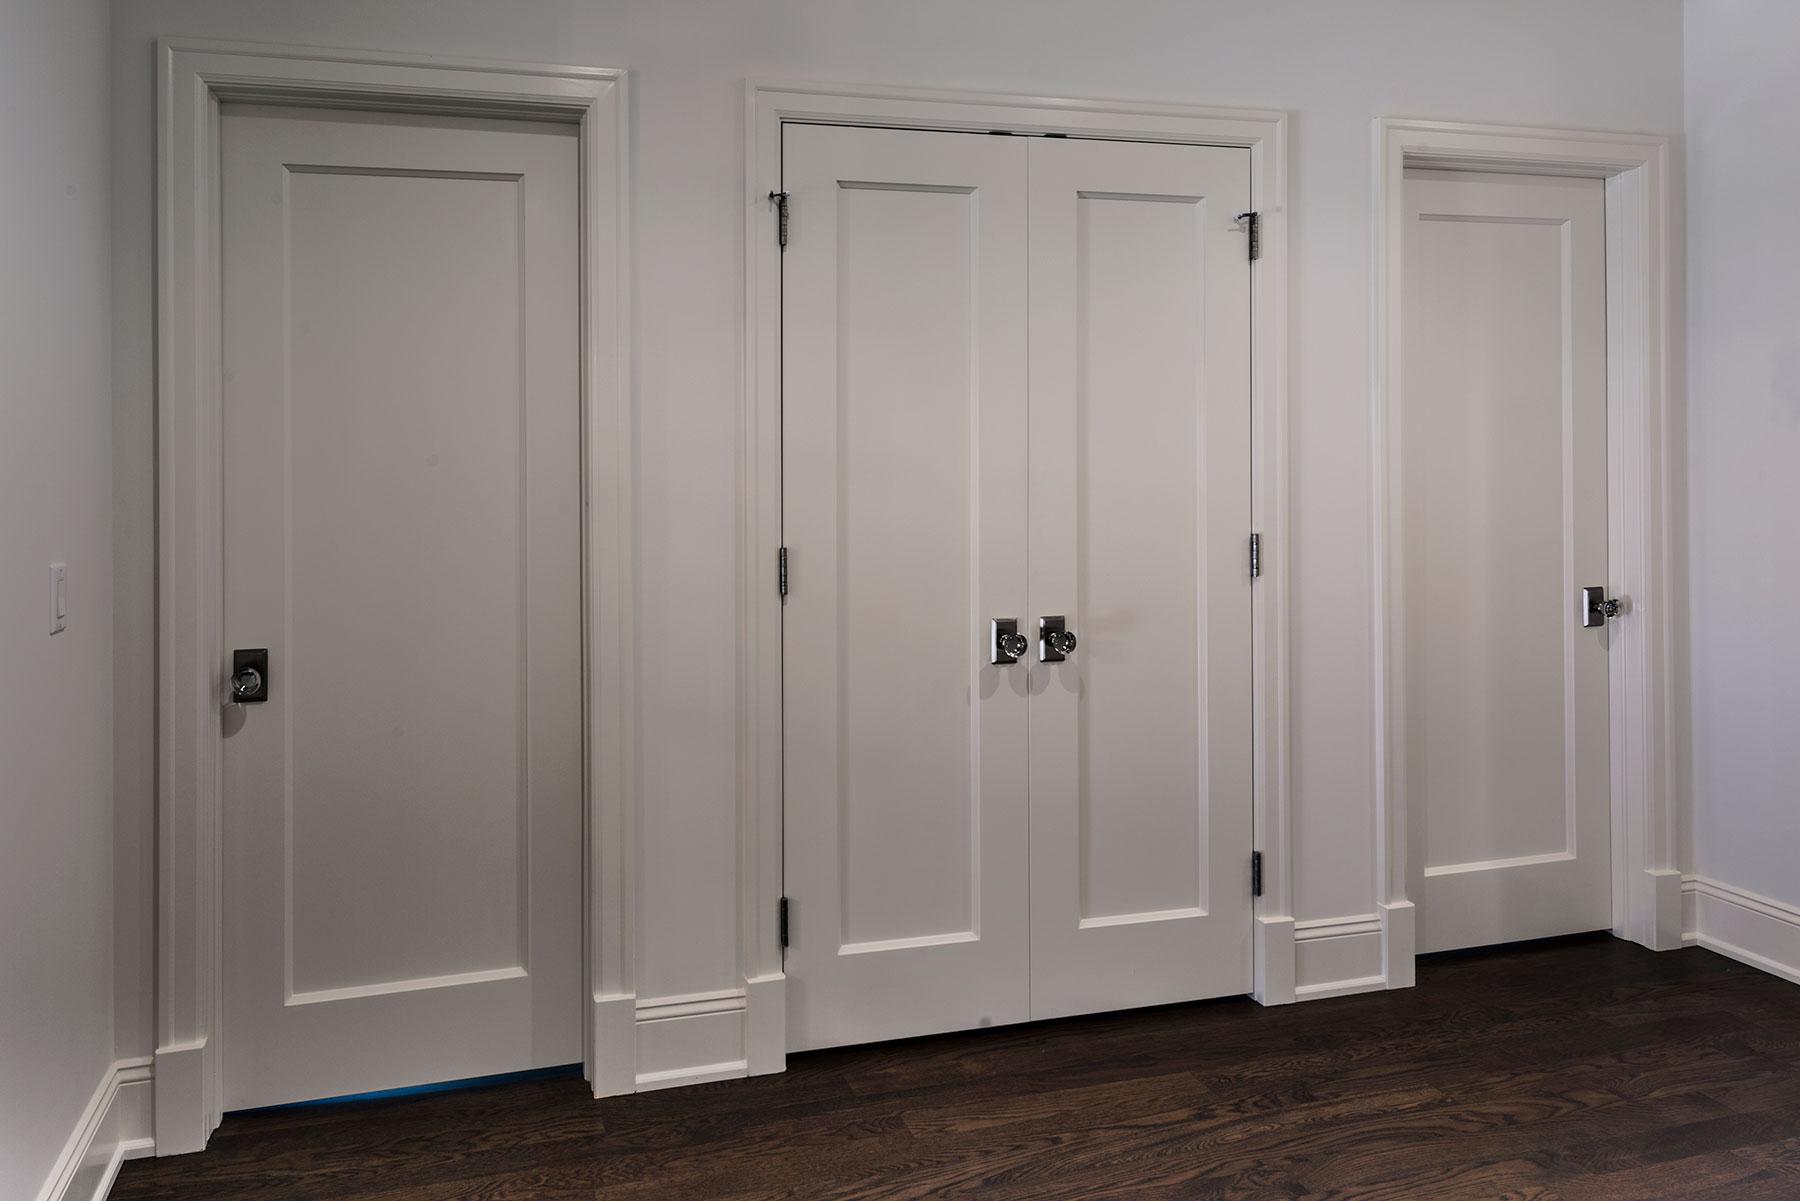 Custom Wood Interior Doors | Single Panel Paint Grade MDF doors For Closet and Bedroom Entrance  - Glenview Doors - Custom Doors in Chicago